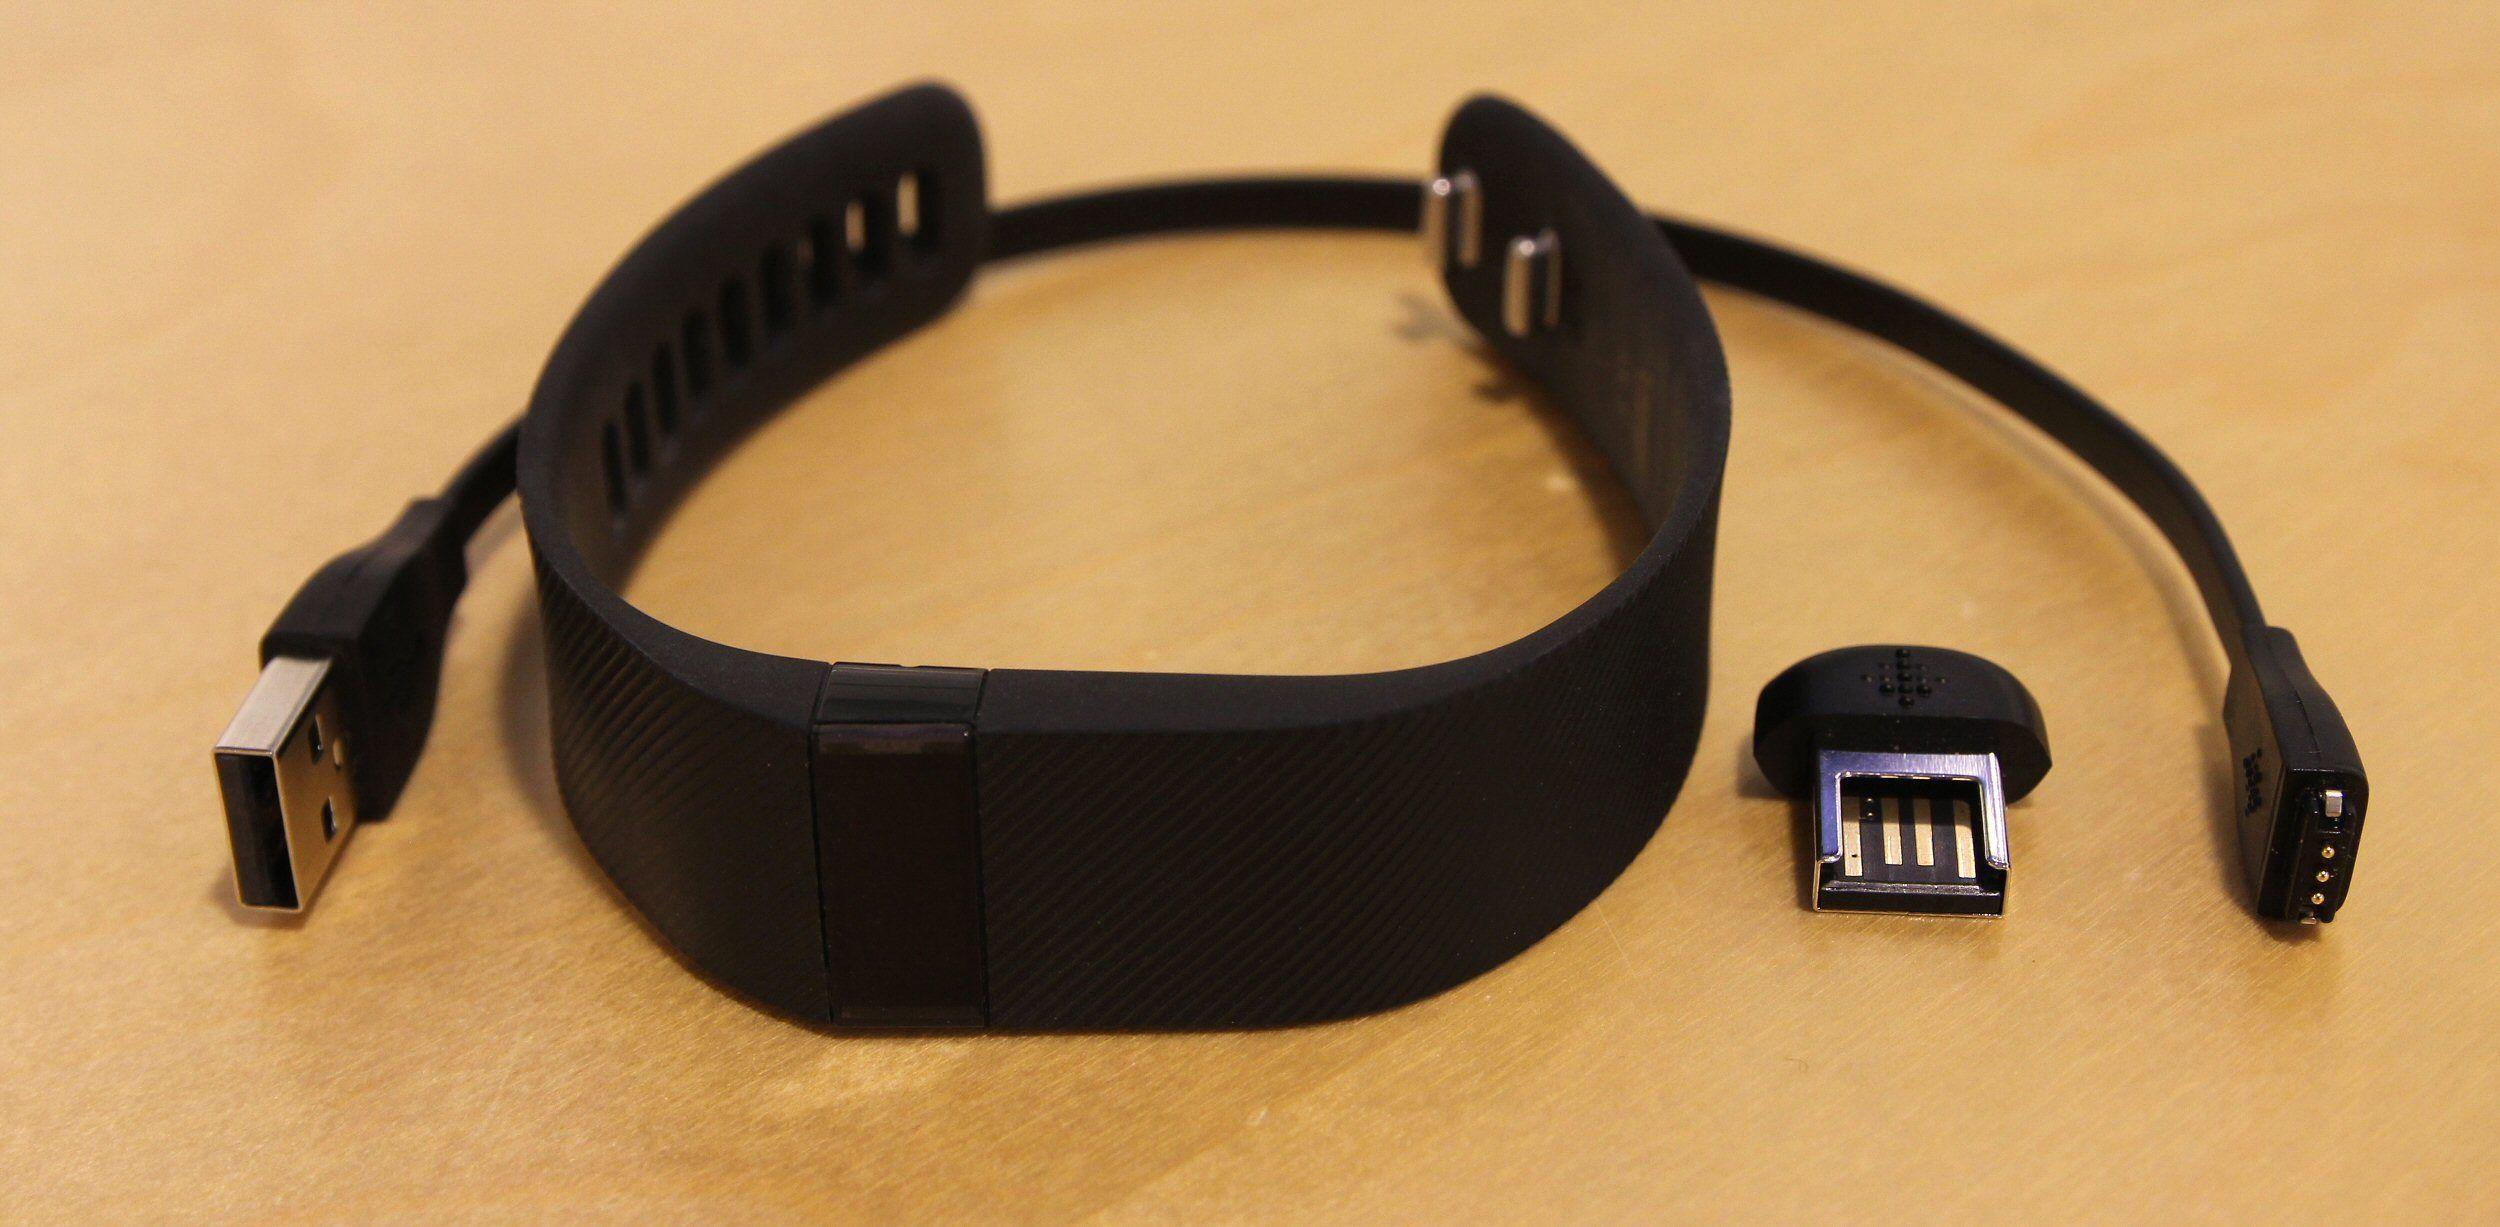 Fitbit Charge kommer med synkroniseringsdongel for datamaskiner og en proprietær ladekabel. Foto: Vegar Jansen, Tek.no